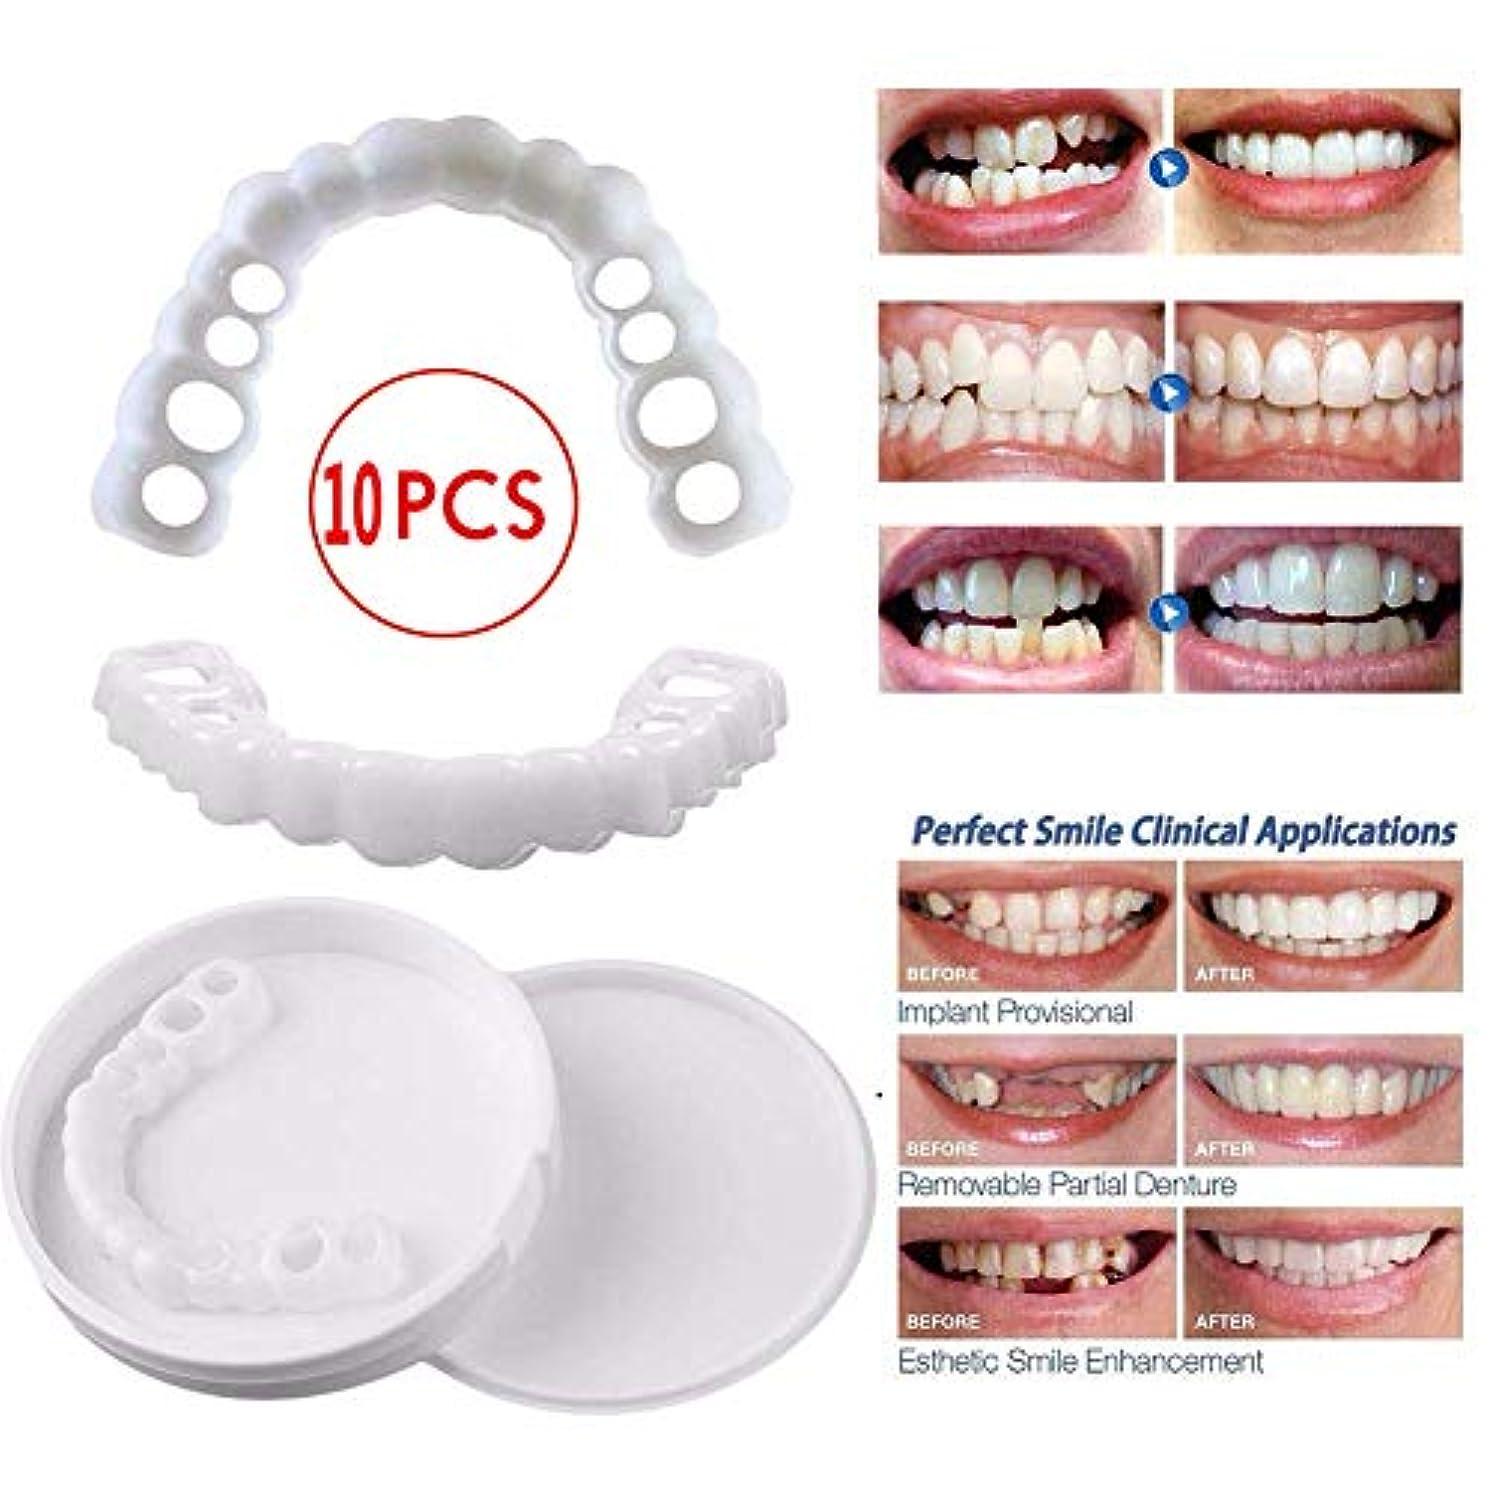 困惑する返還きれいに10個の一時的な歯のホワイトニング、歯の一時的な化粧品の歯の義歯歯の化粧品の収納ボックス付き偽の歯カバー,10pcsupperteeth